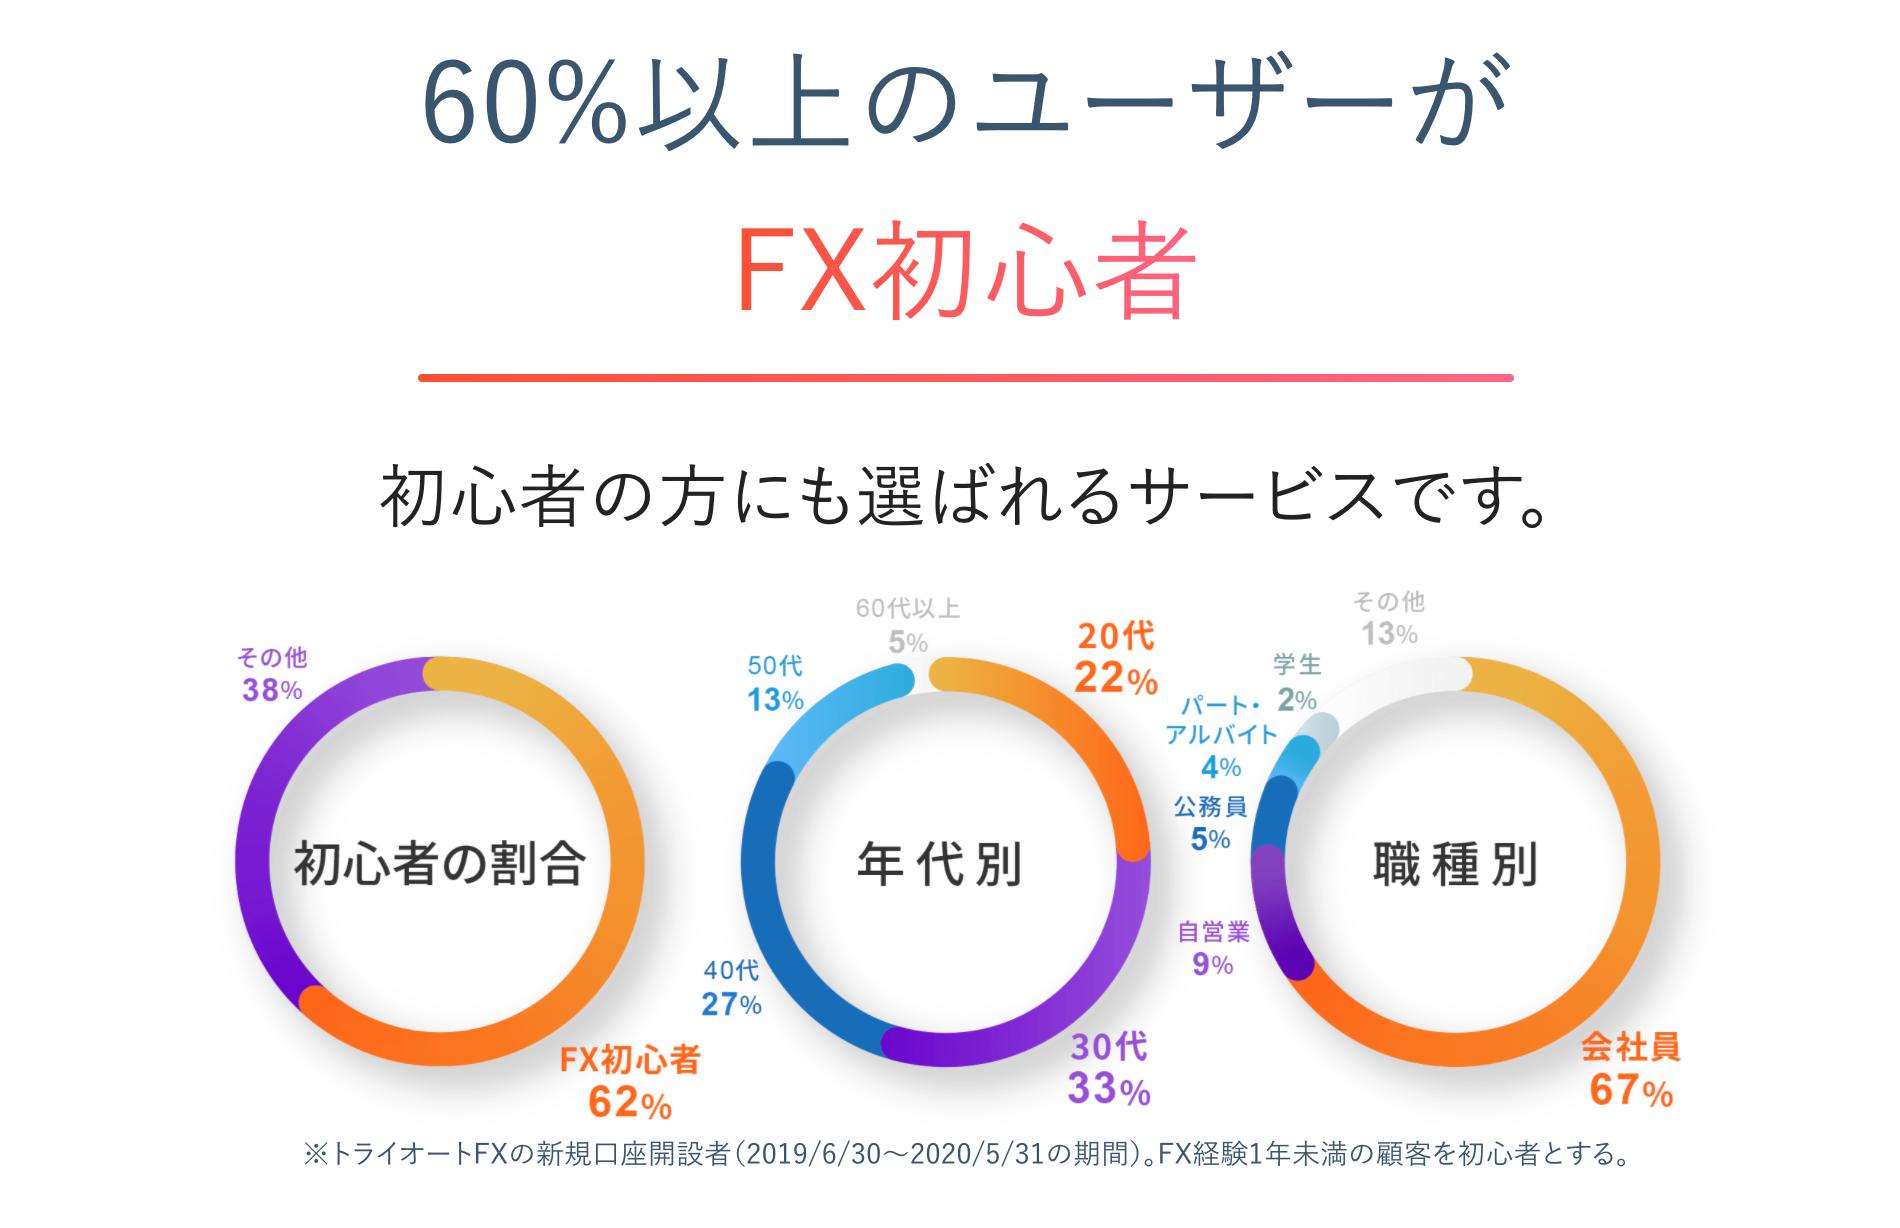 FX儲かる_60%以上の人がFX初心者